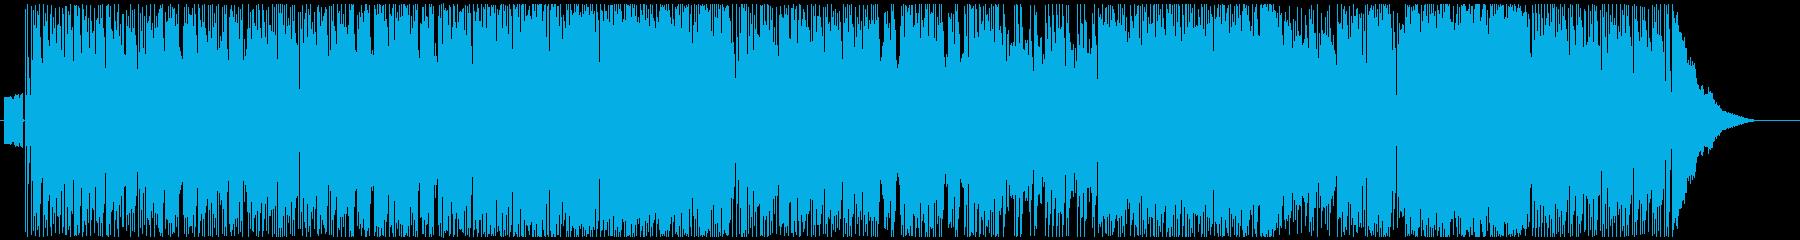 アセトアルデッドヒートの再生済みの波形